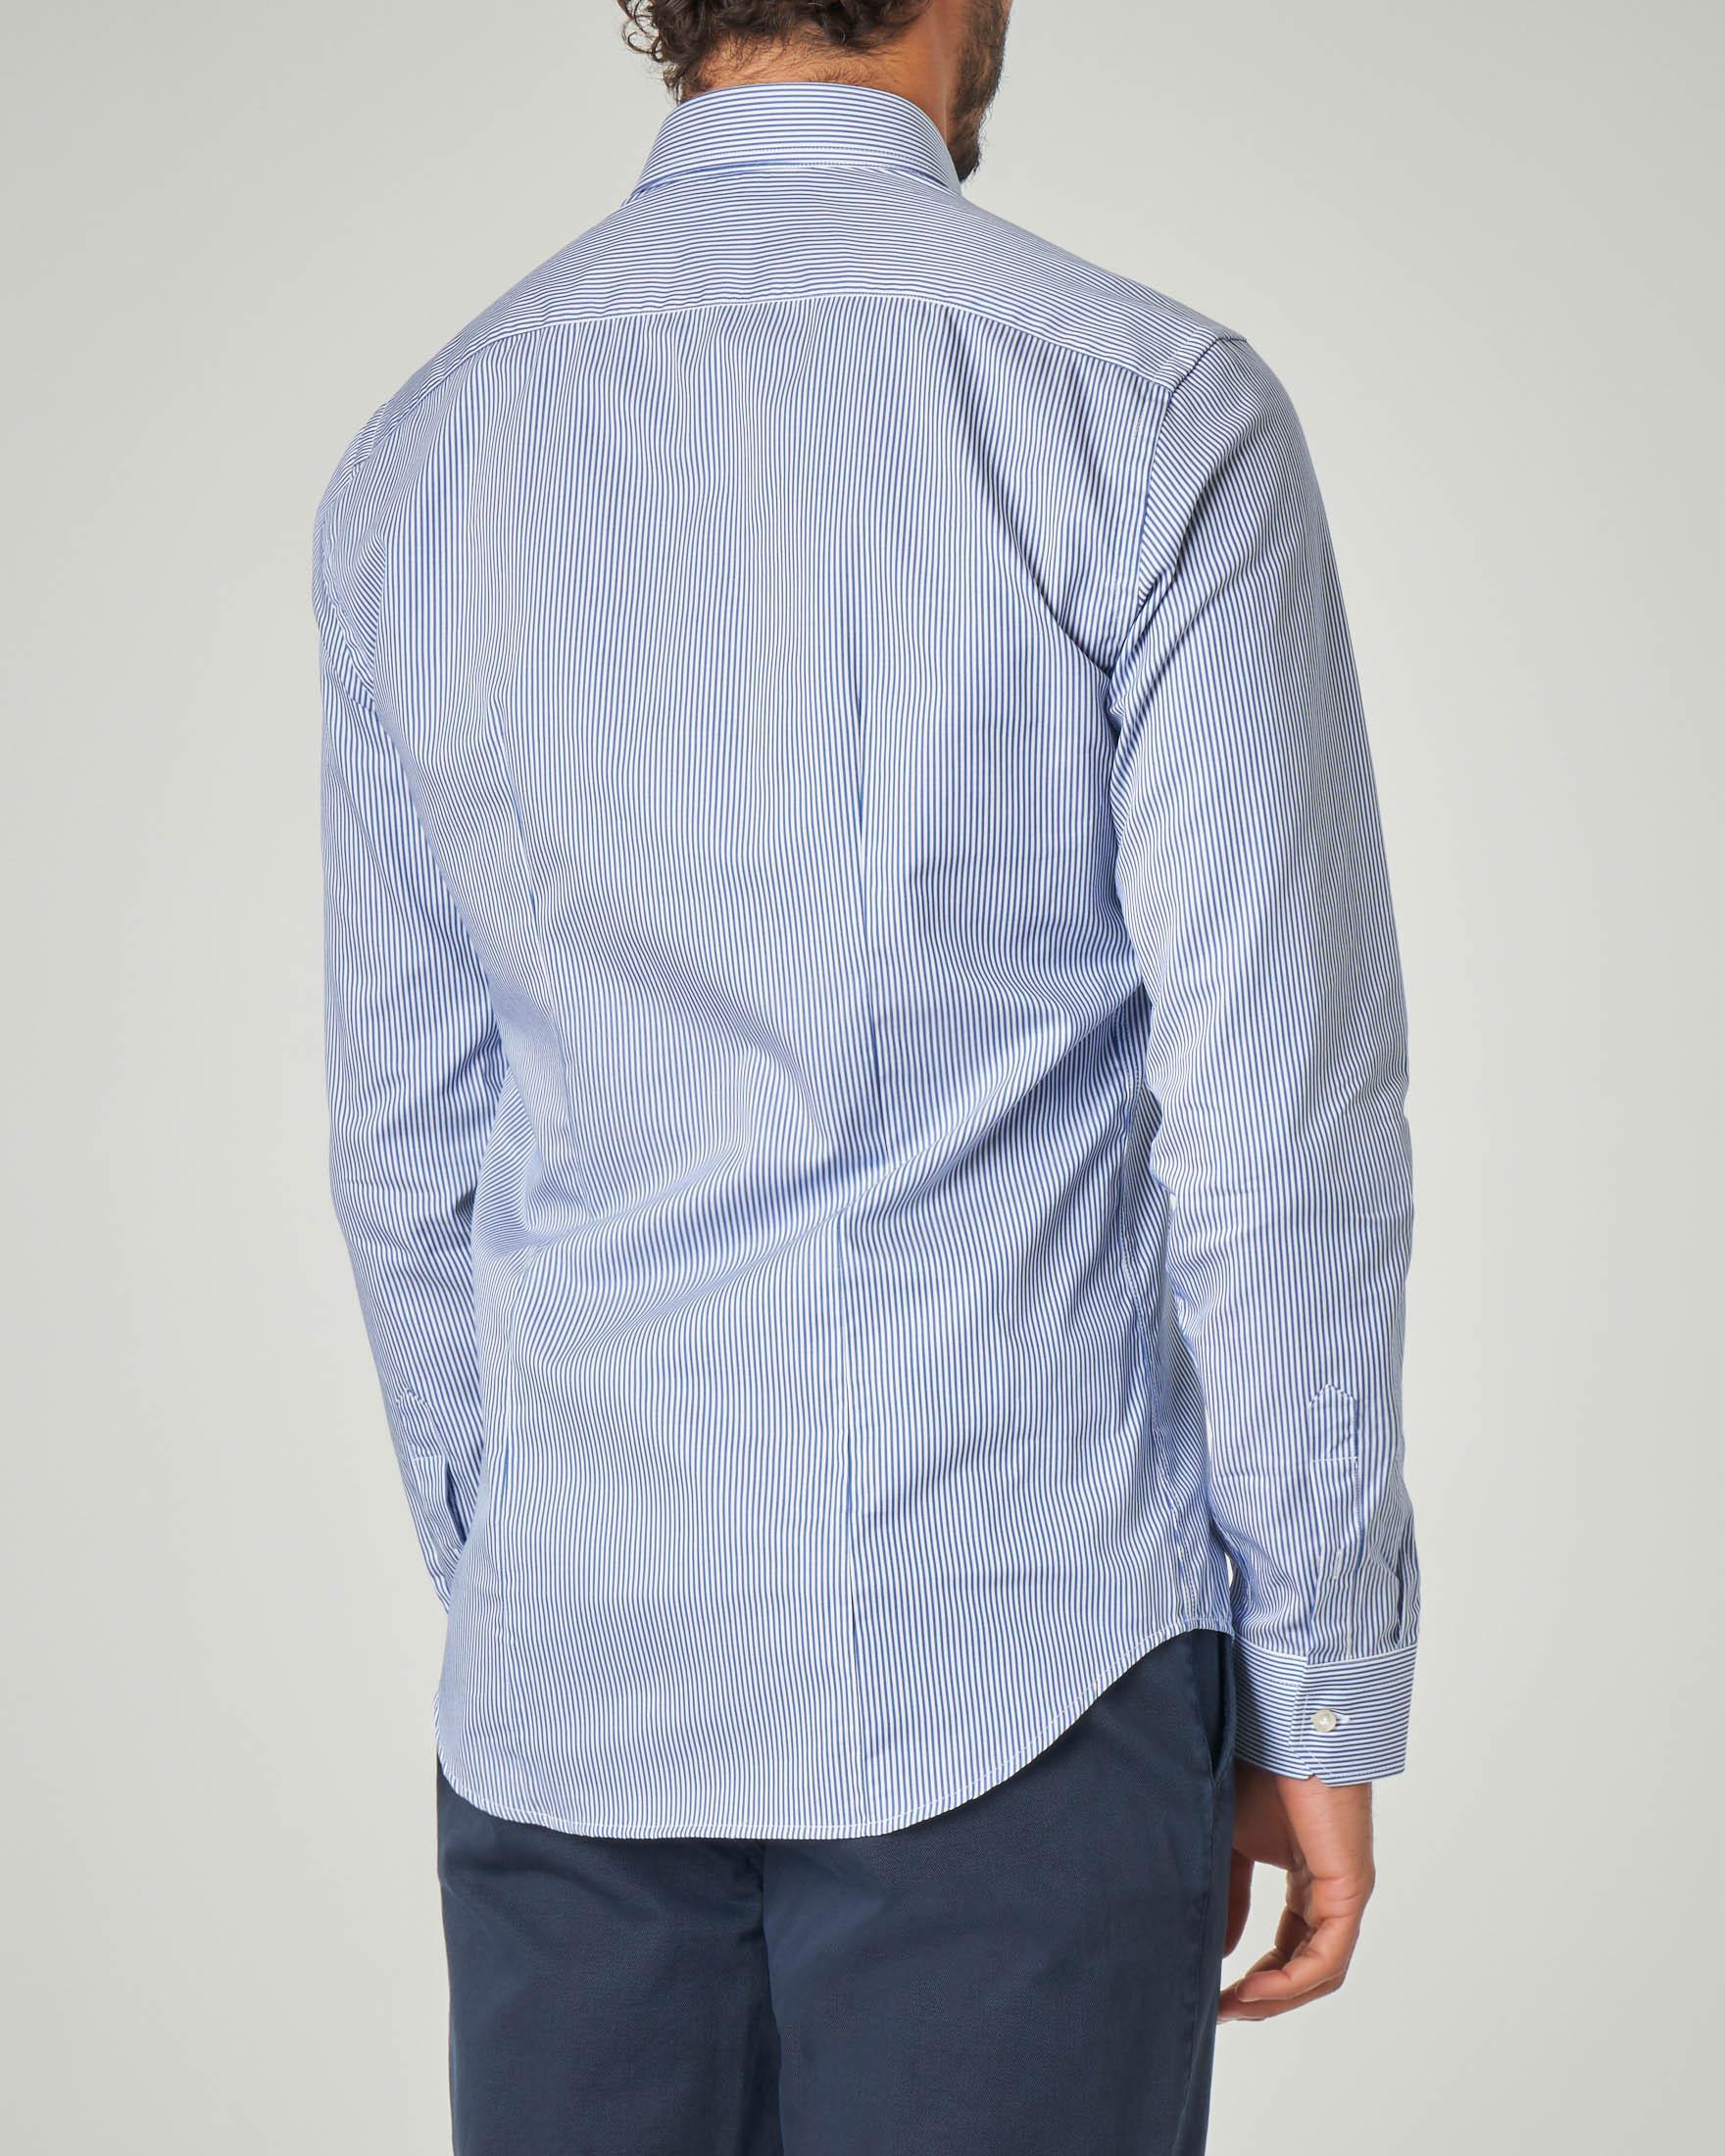 Camicia bastoncino bianco blu in twill di cotone